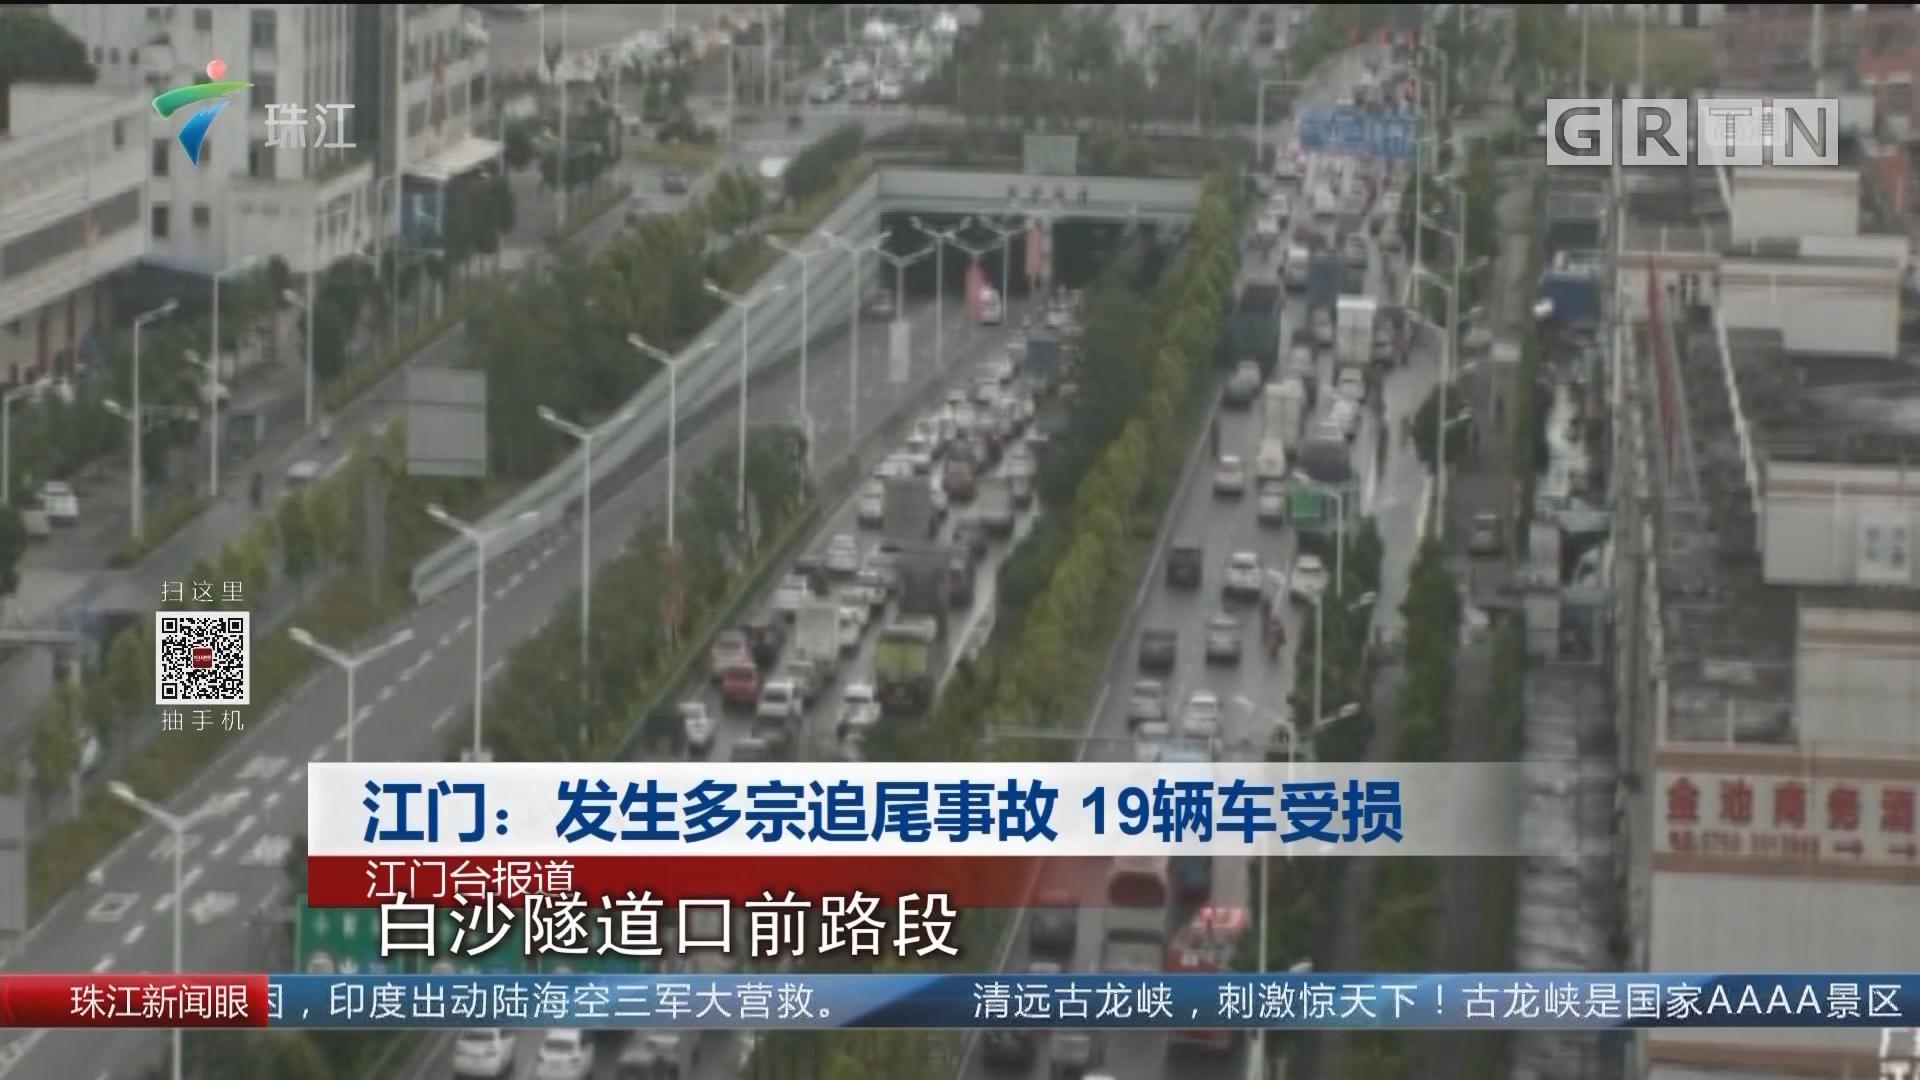 江门:发生多宗追尾事故 19辆车受损